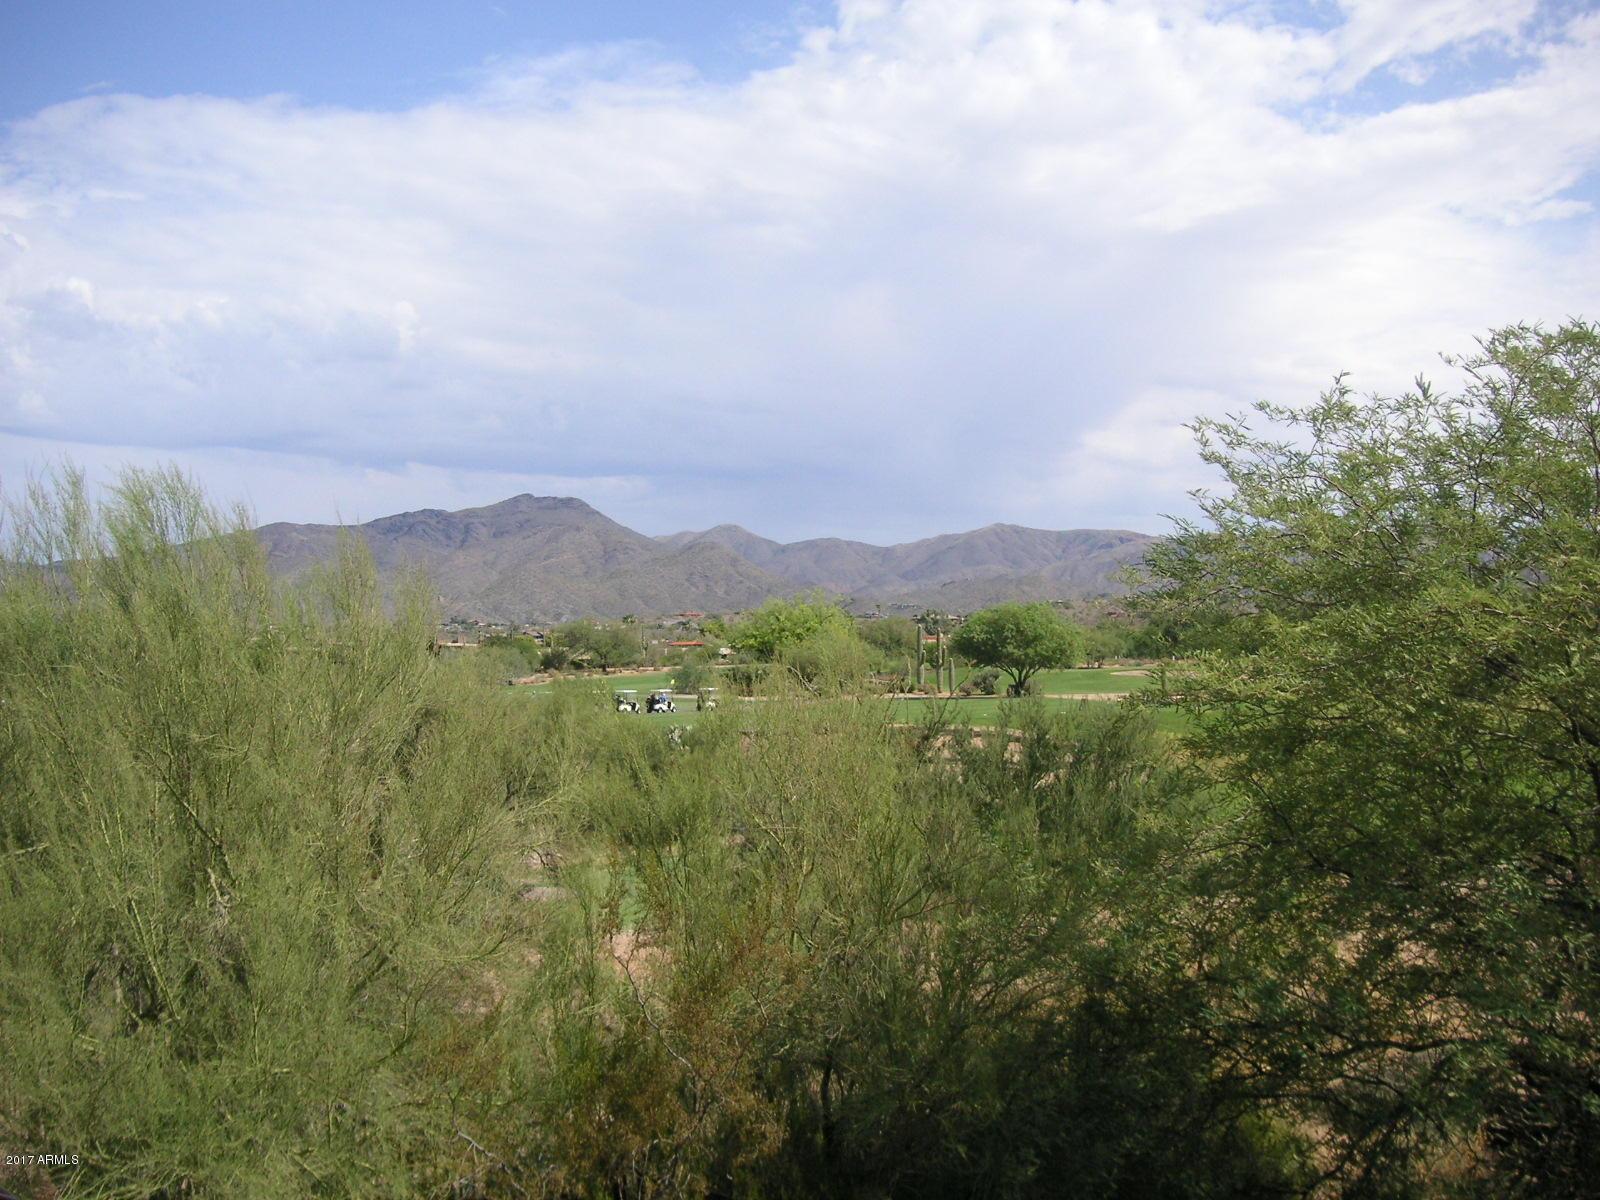 36601 N Mule Train Road, Unit 2d, Carefree AZ 85377 - Photo 1